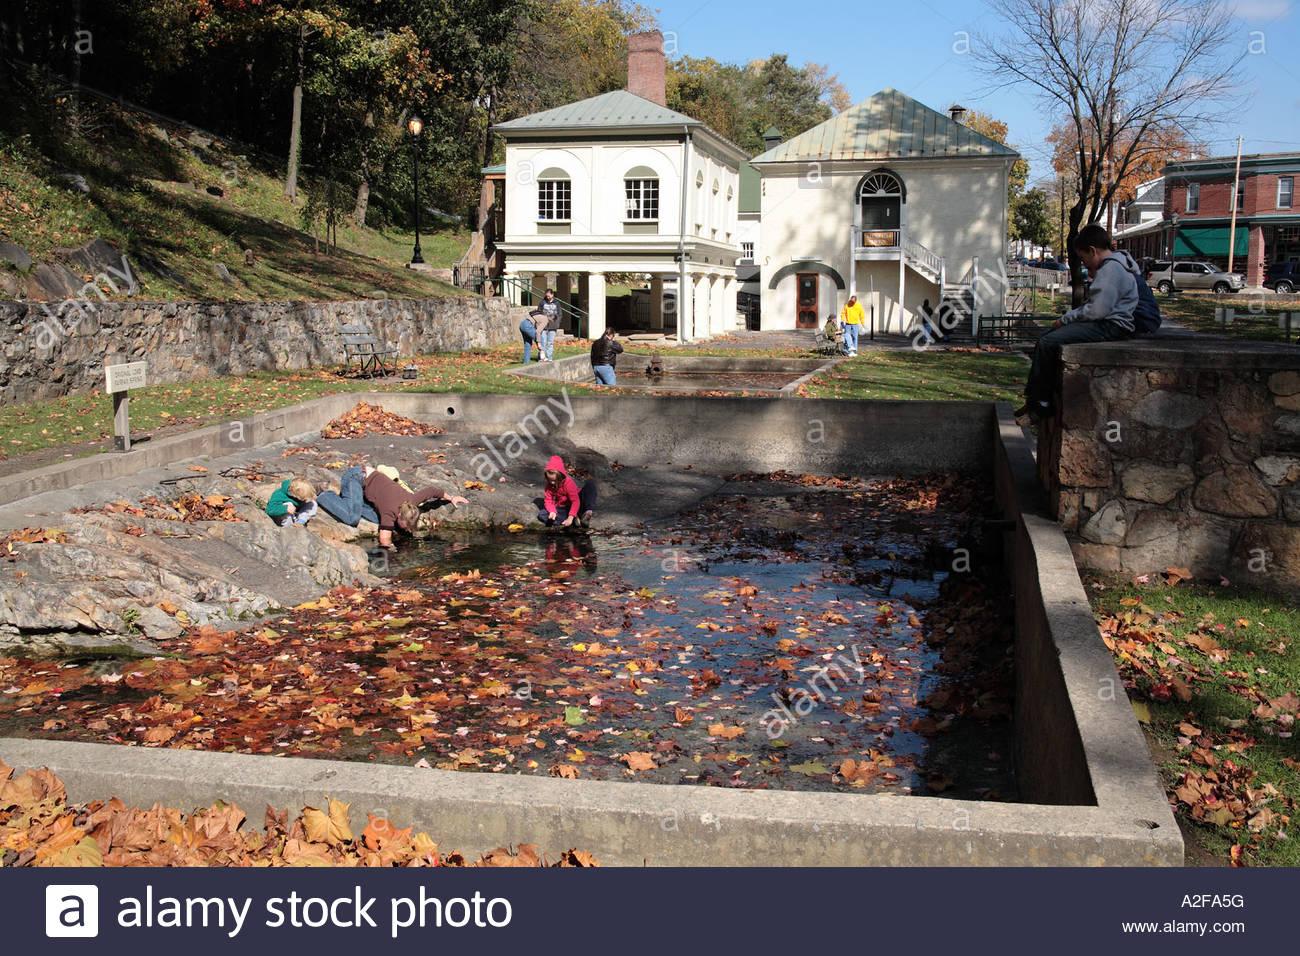 berkeley springs state park, berkeley springs, west virginia stock